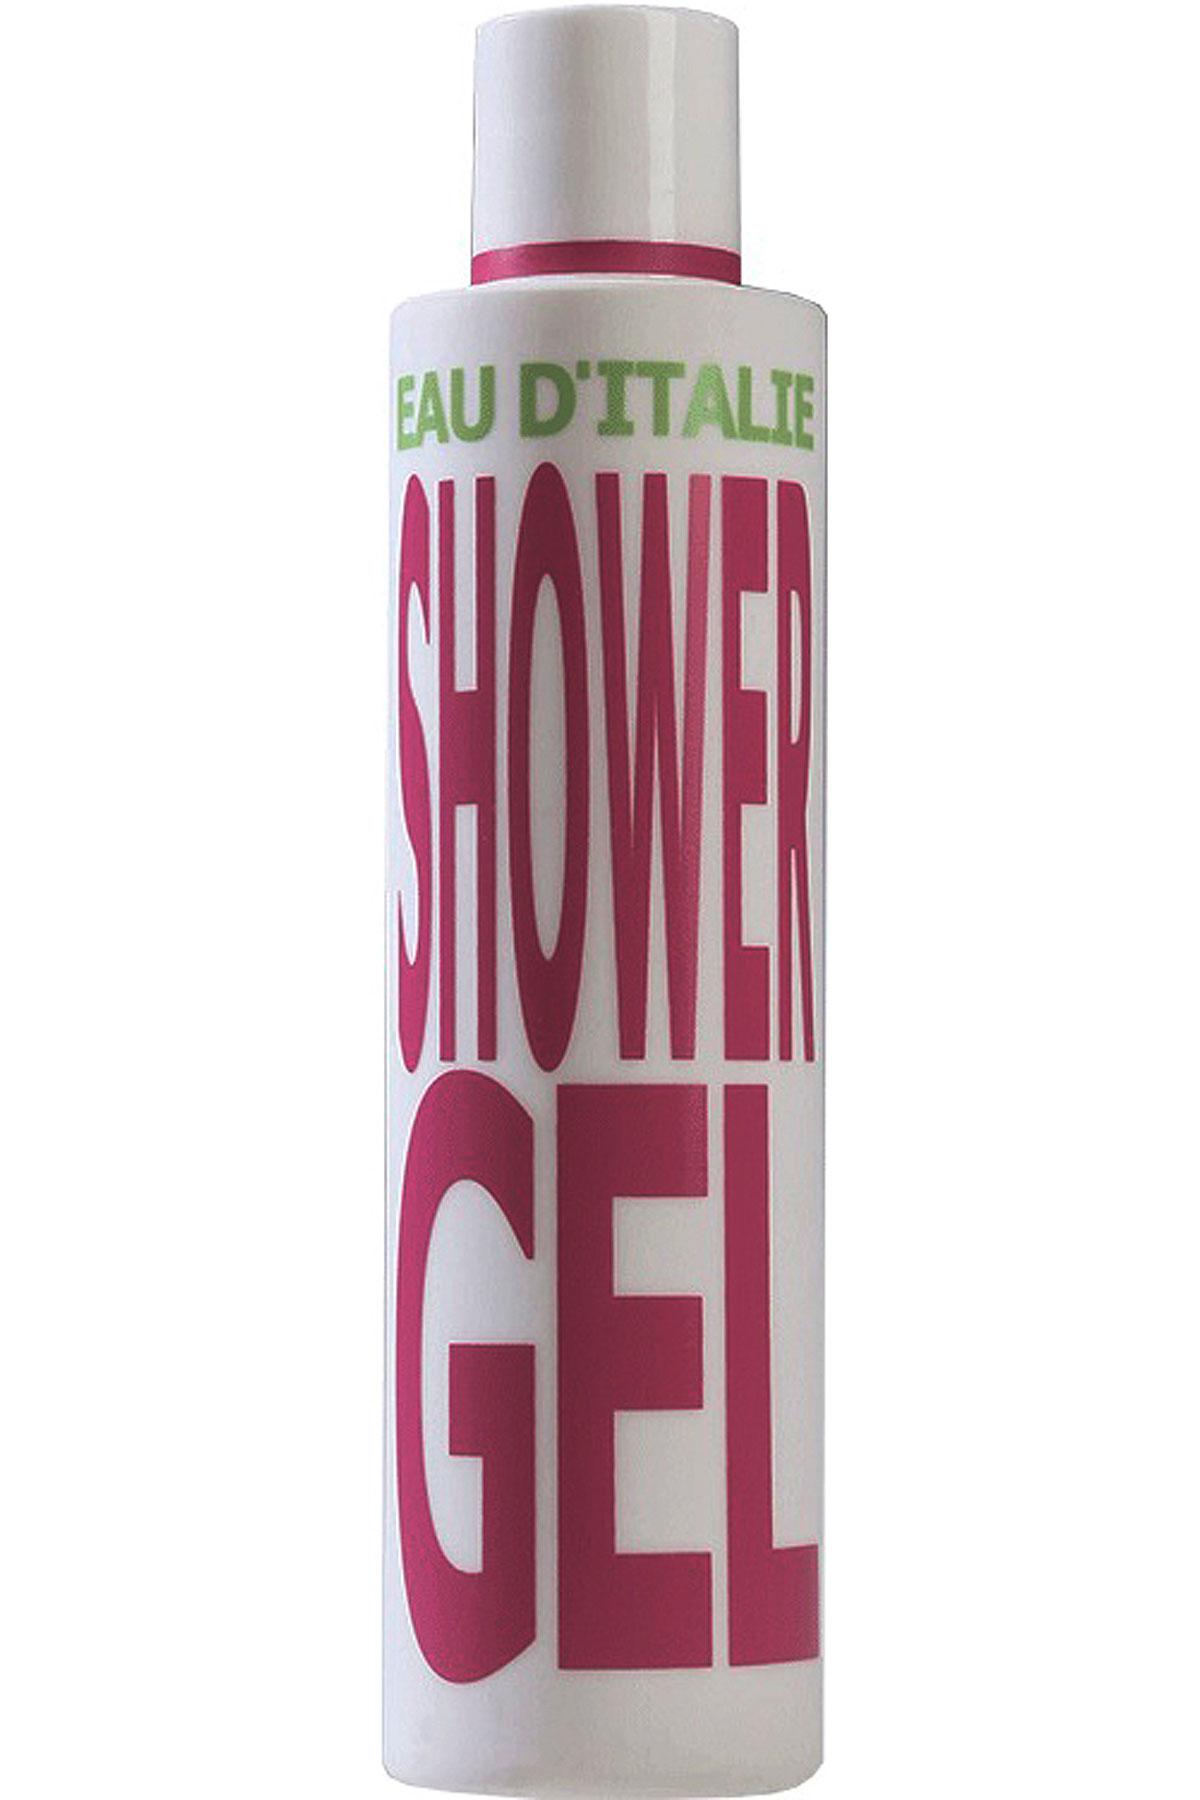 Eau D Italie Beauty for Women, Eau D Italie - Shower Gel - 200 Ml, 2019, 200 ml